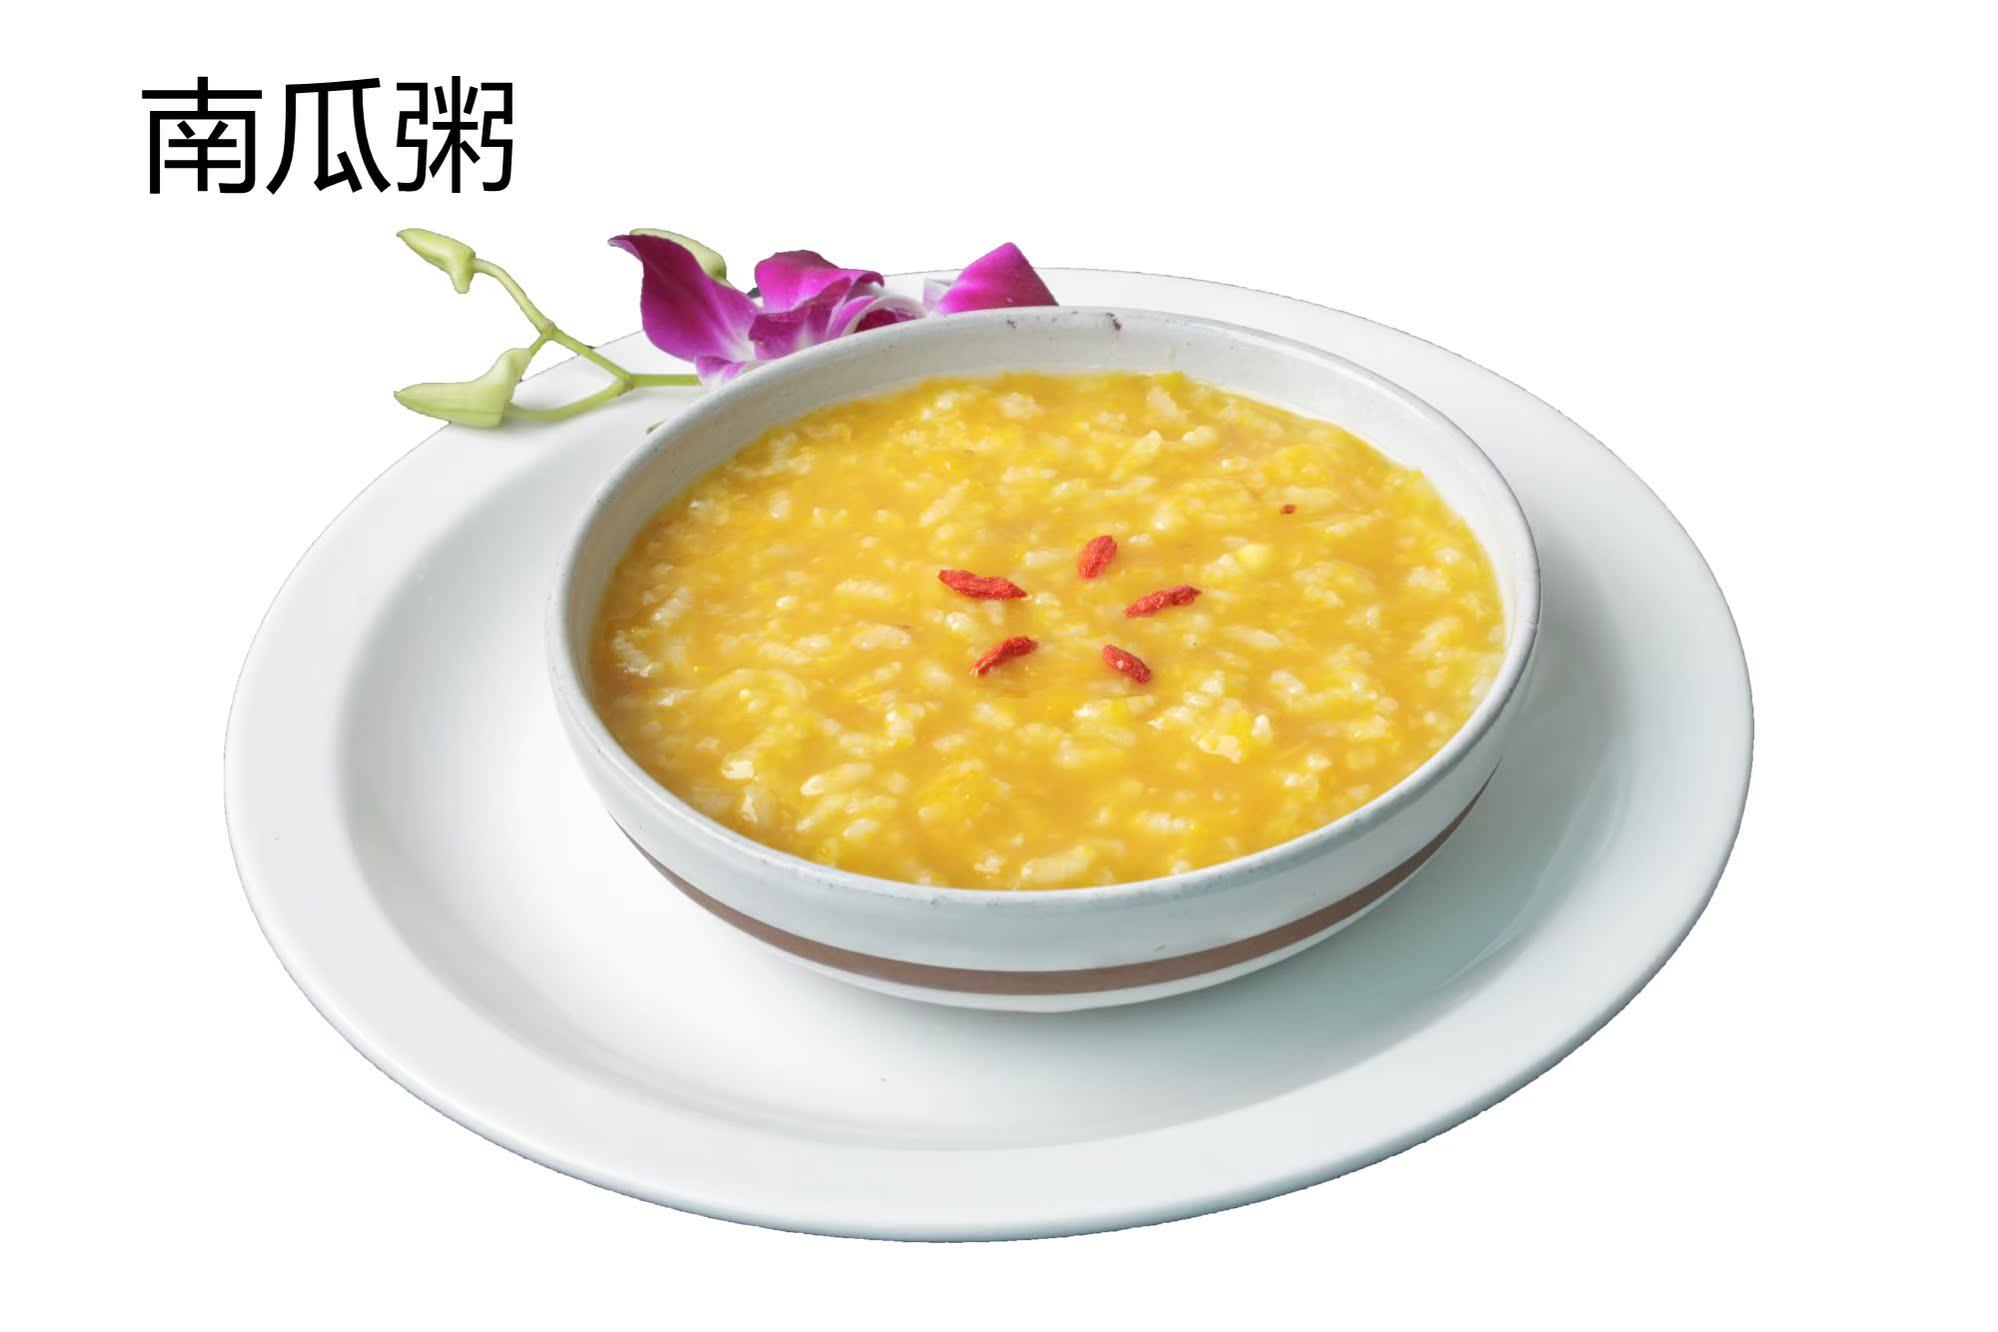 伍氏料理包350g*10包养生南瓜粥冷冻料理包 中西式速食早餐